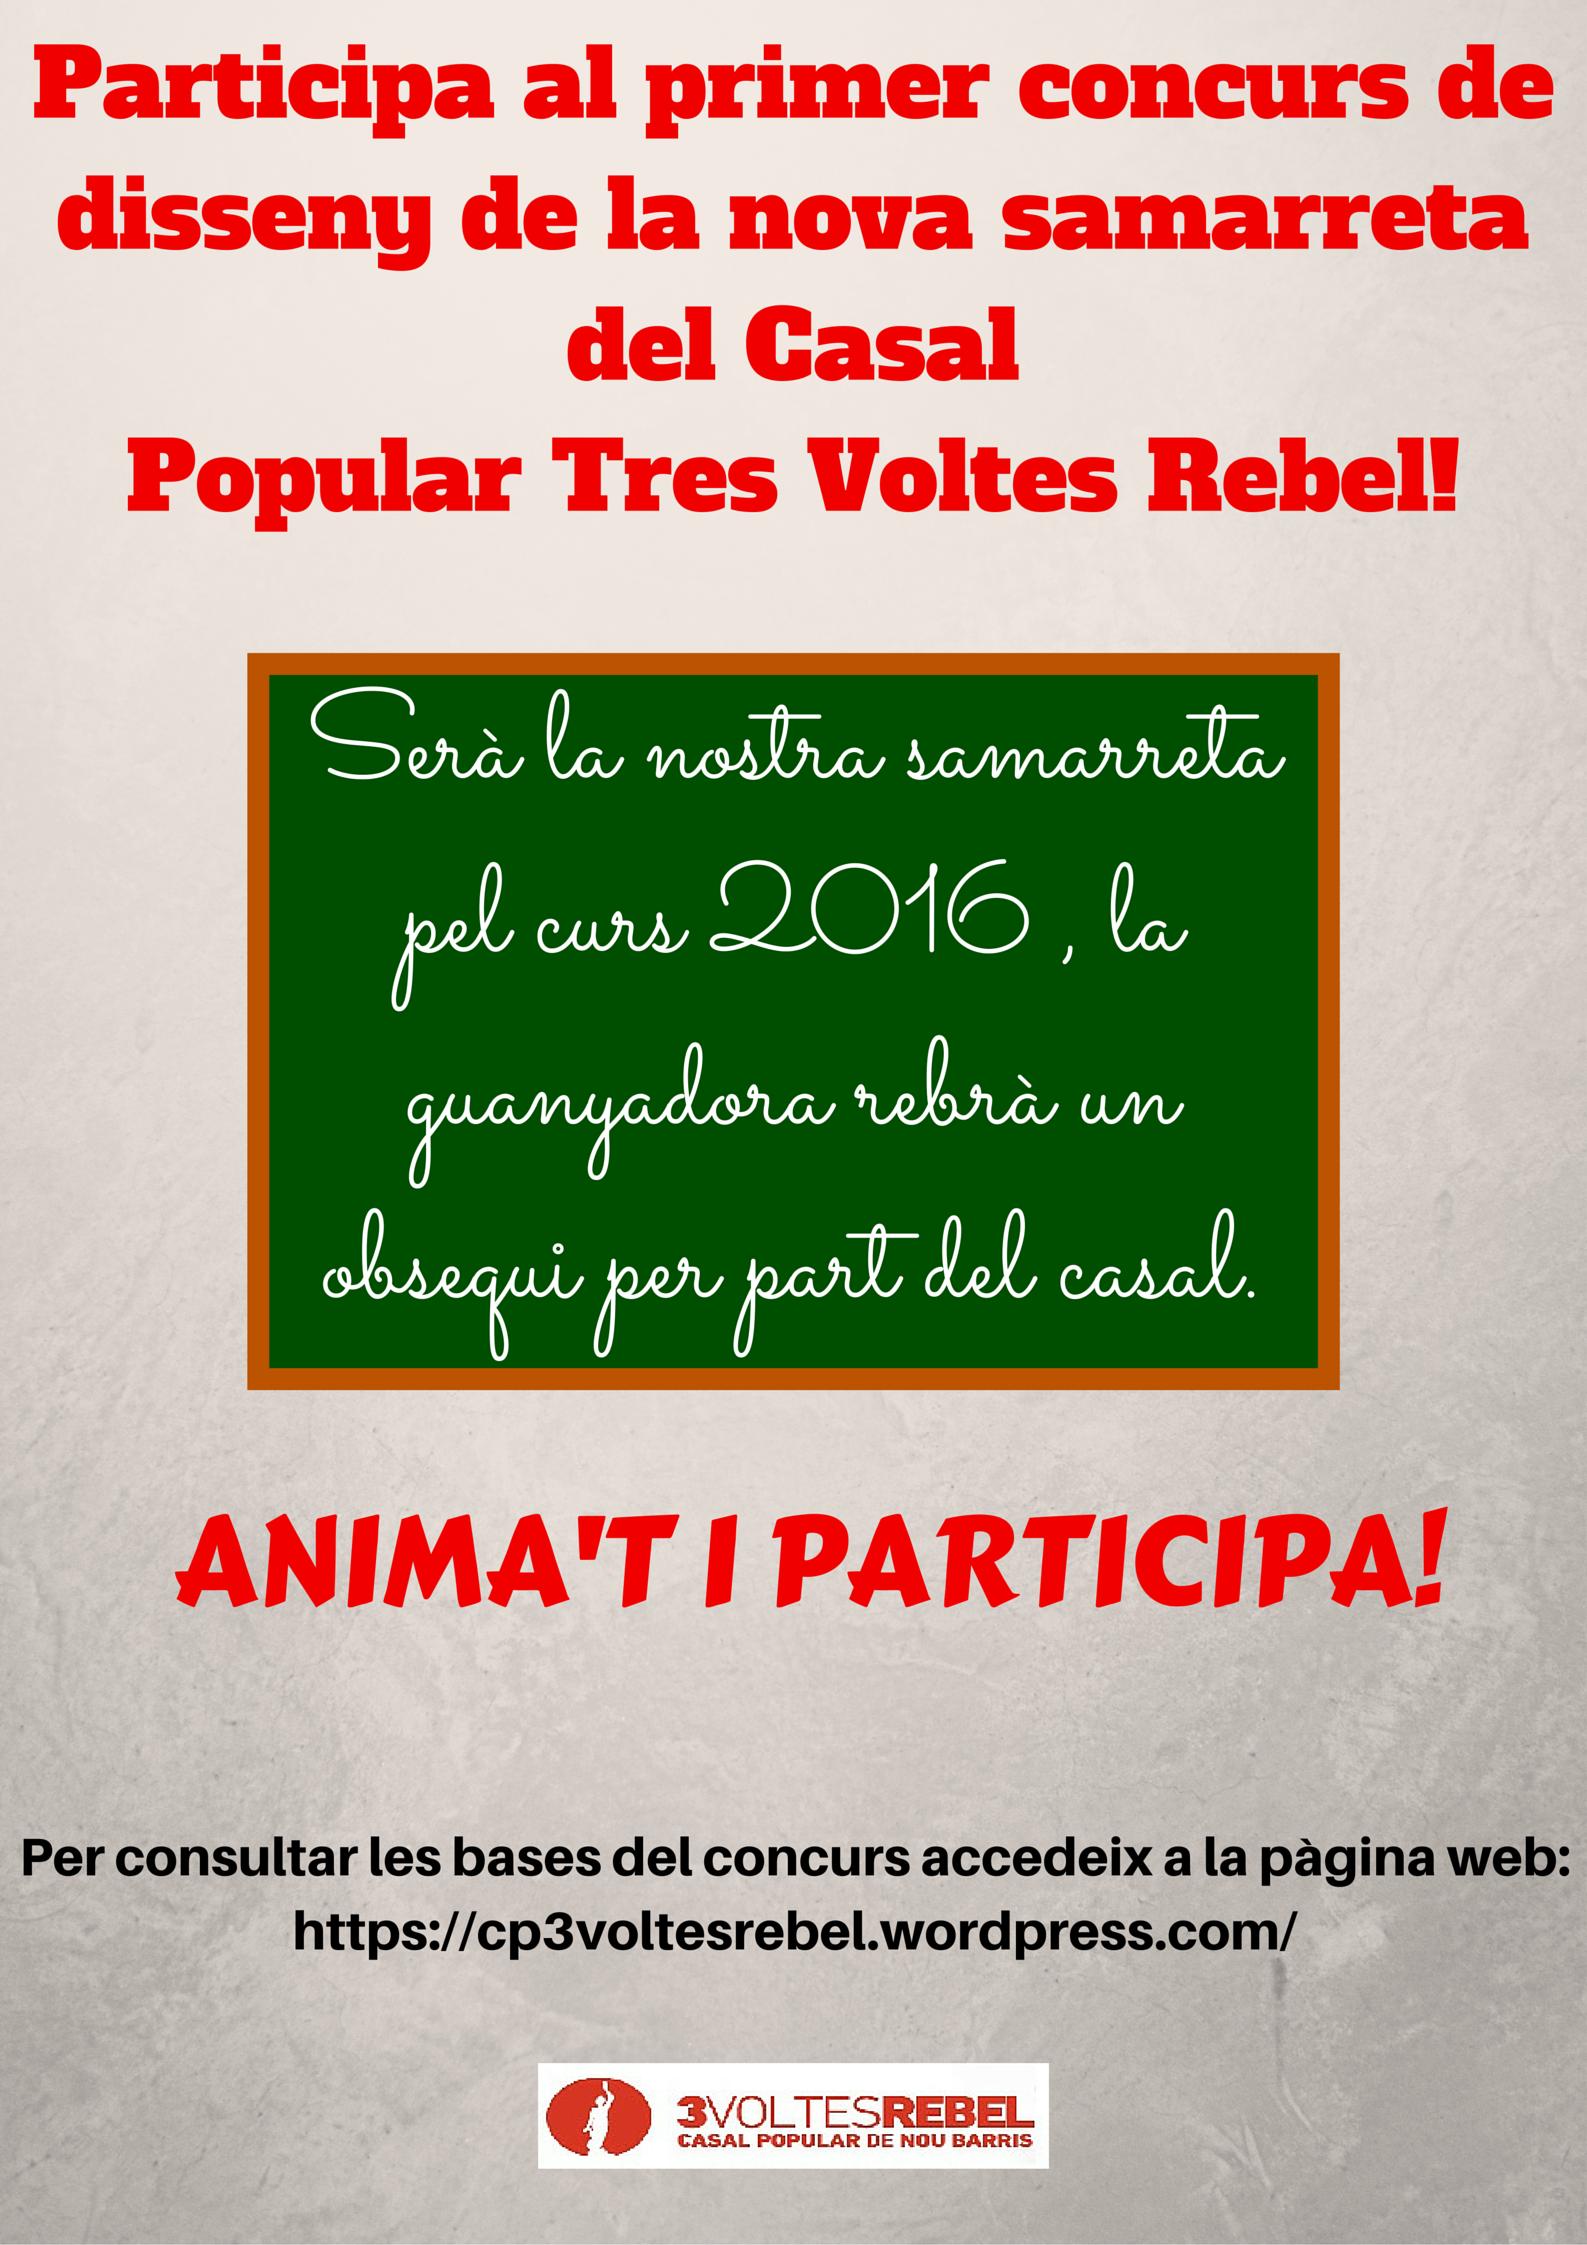 Participa en el primer concurs de disseny de la nova samarreta del CasalPopular Tres Voltes Rebel!